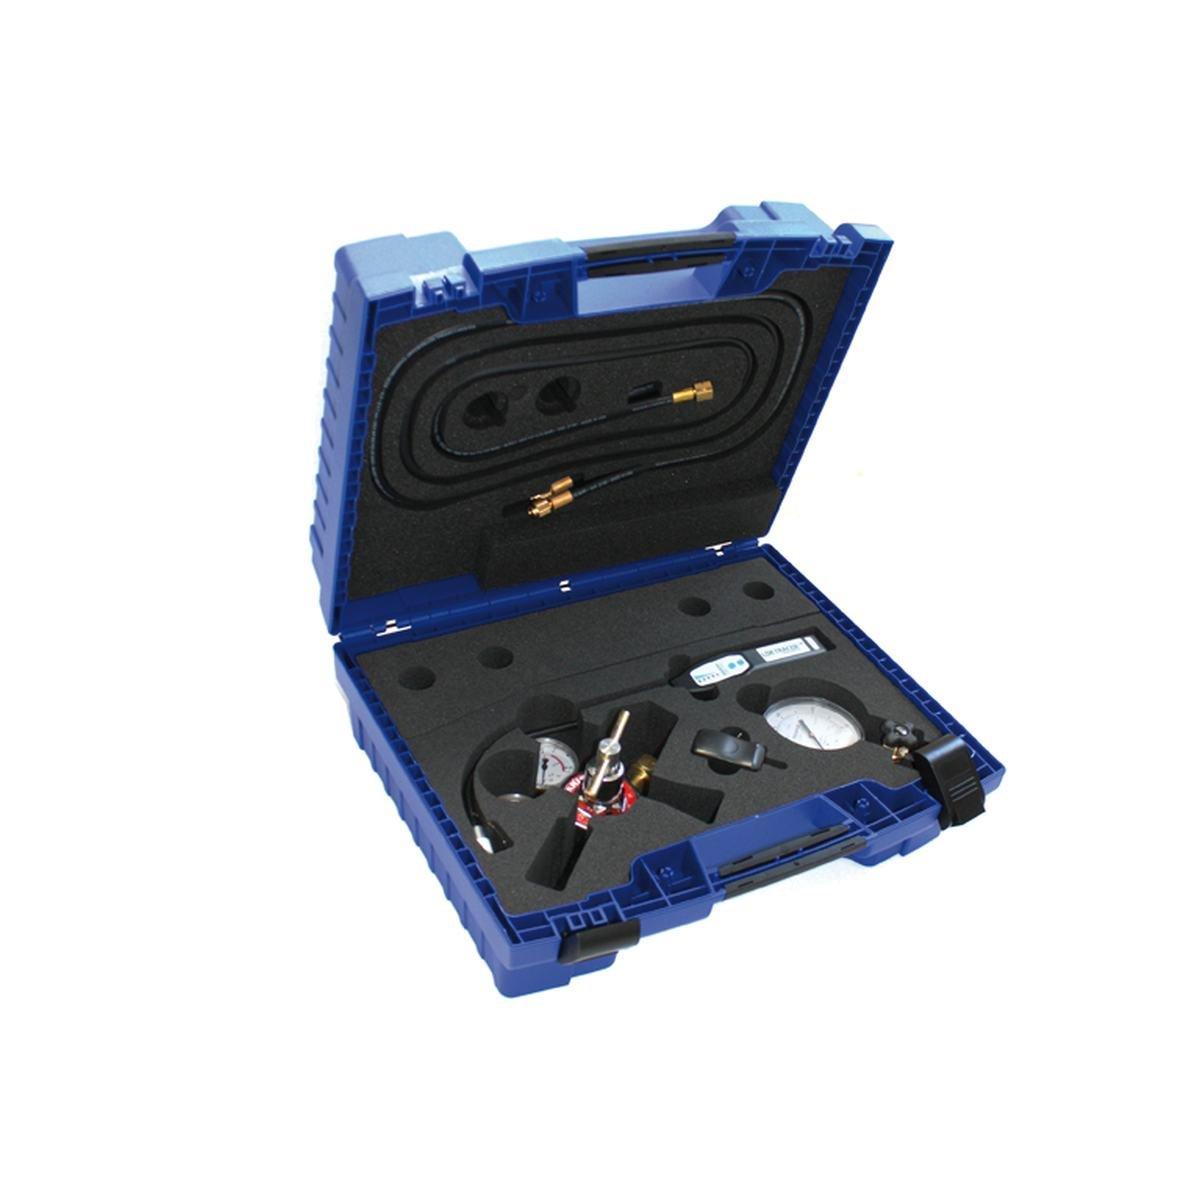 Læksøgningssæt, Lokbox TG-HVAC-500